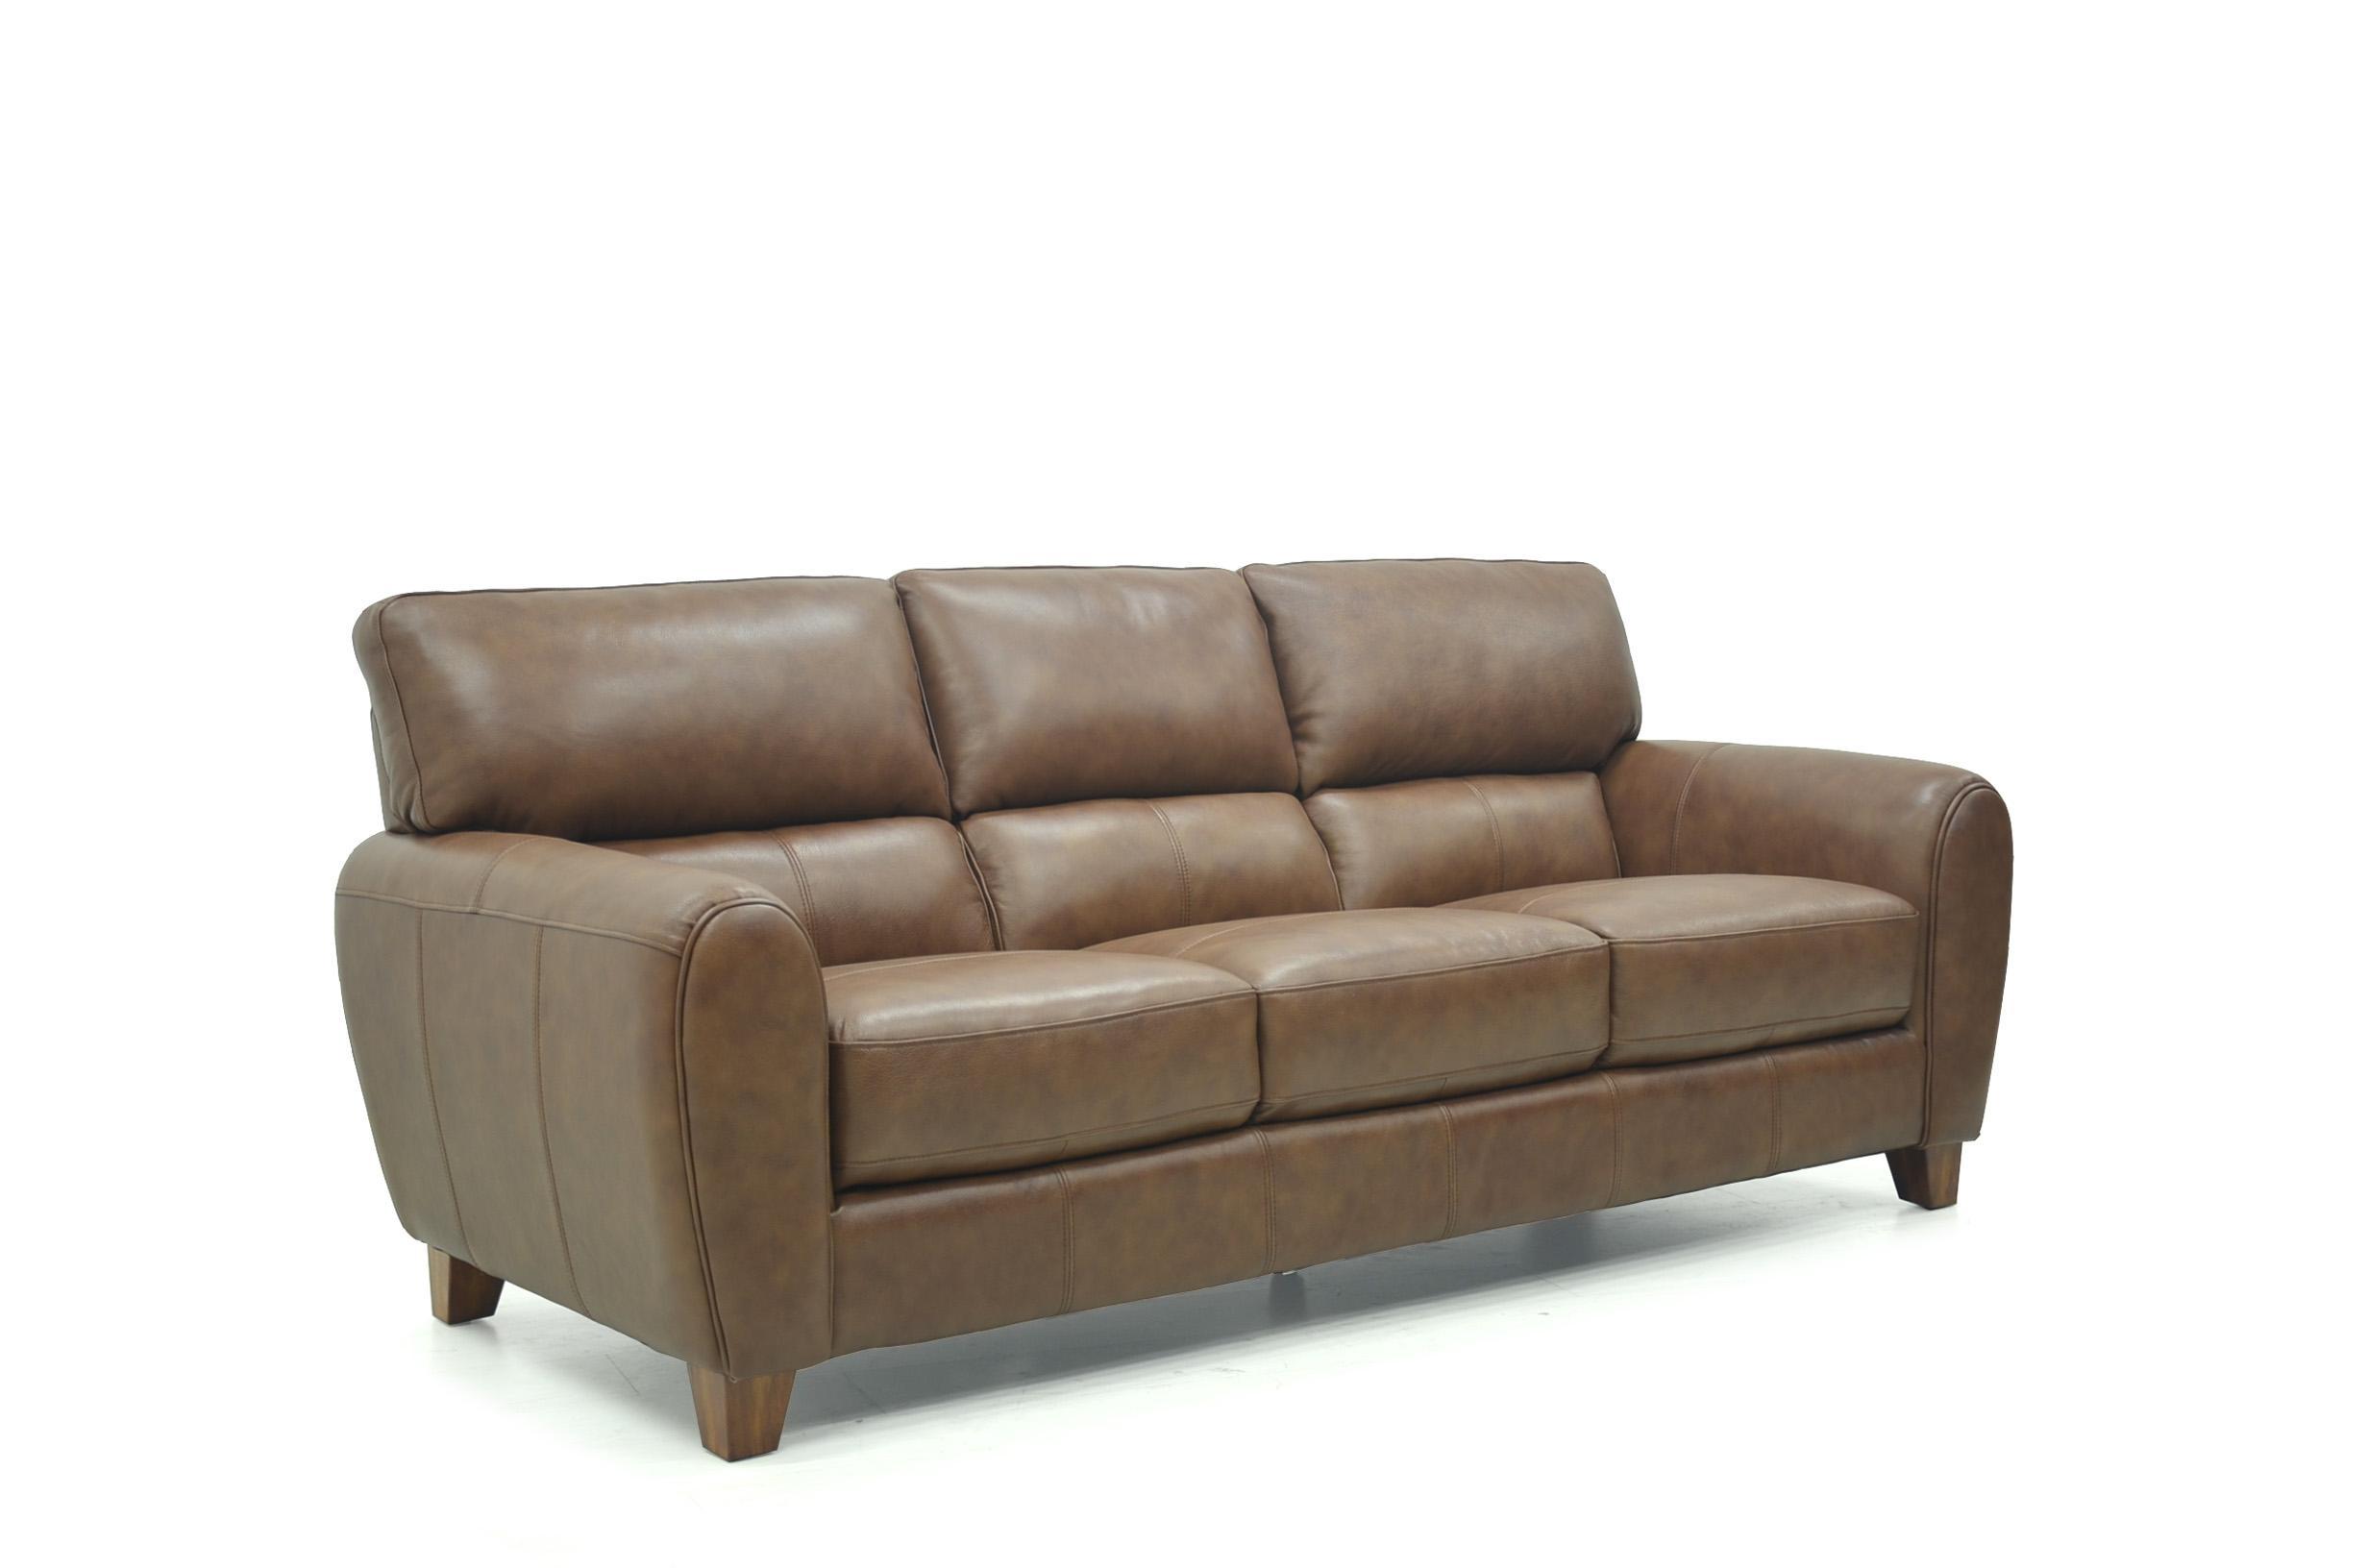 Canterbury Retro Leather Sofa Pertaining To Canterbury Leather Sofas (View 19 of 20)